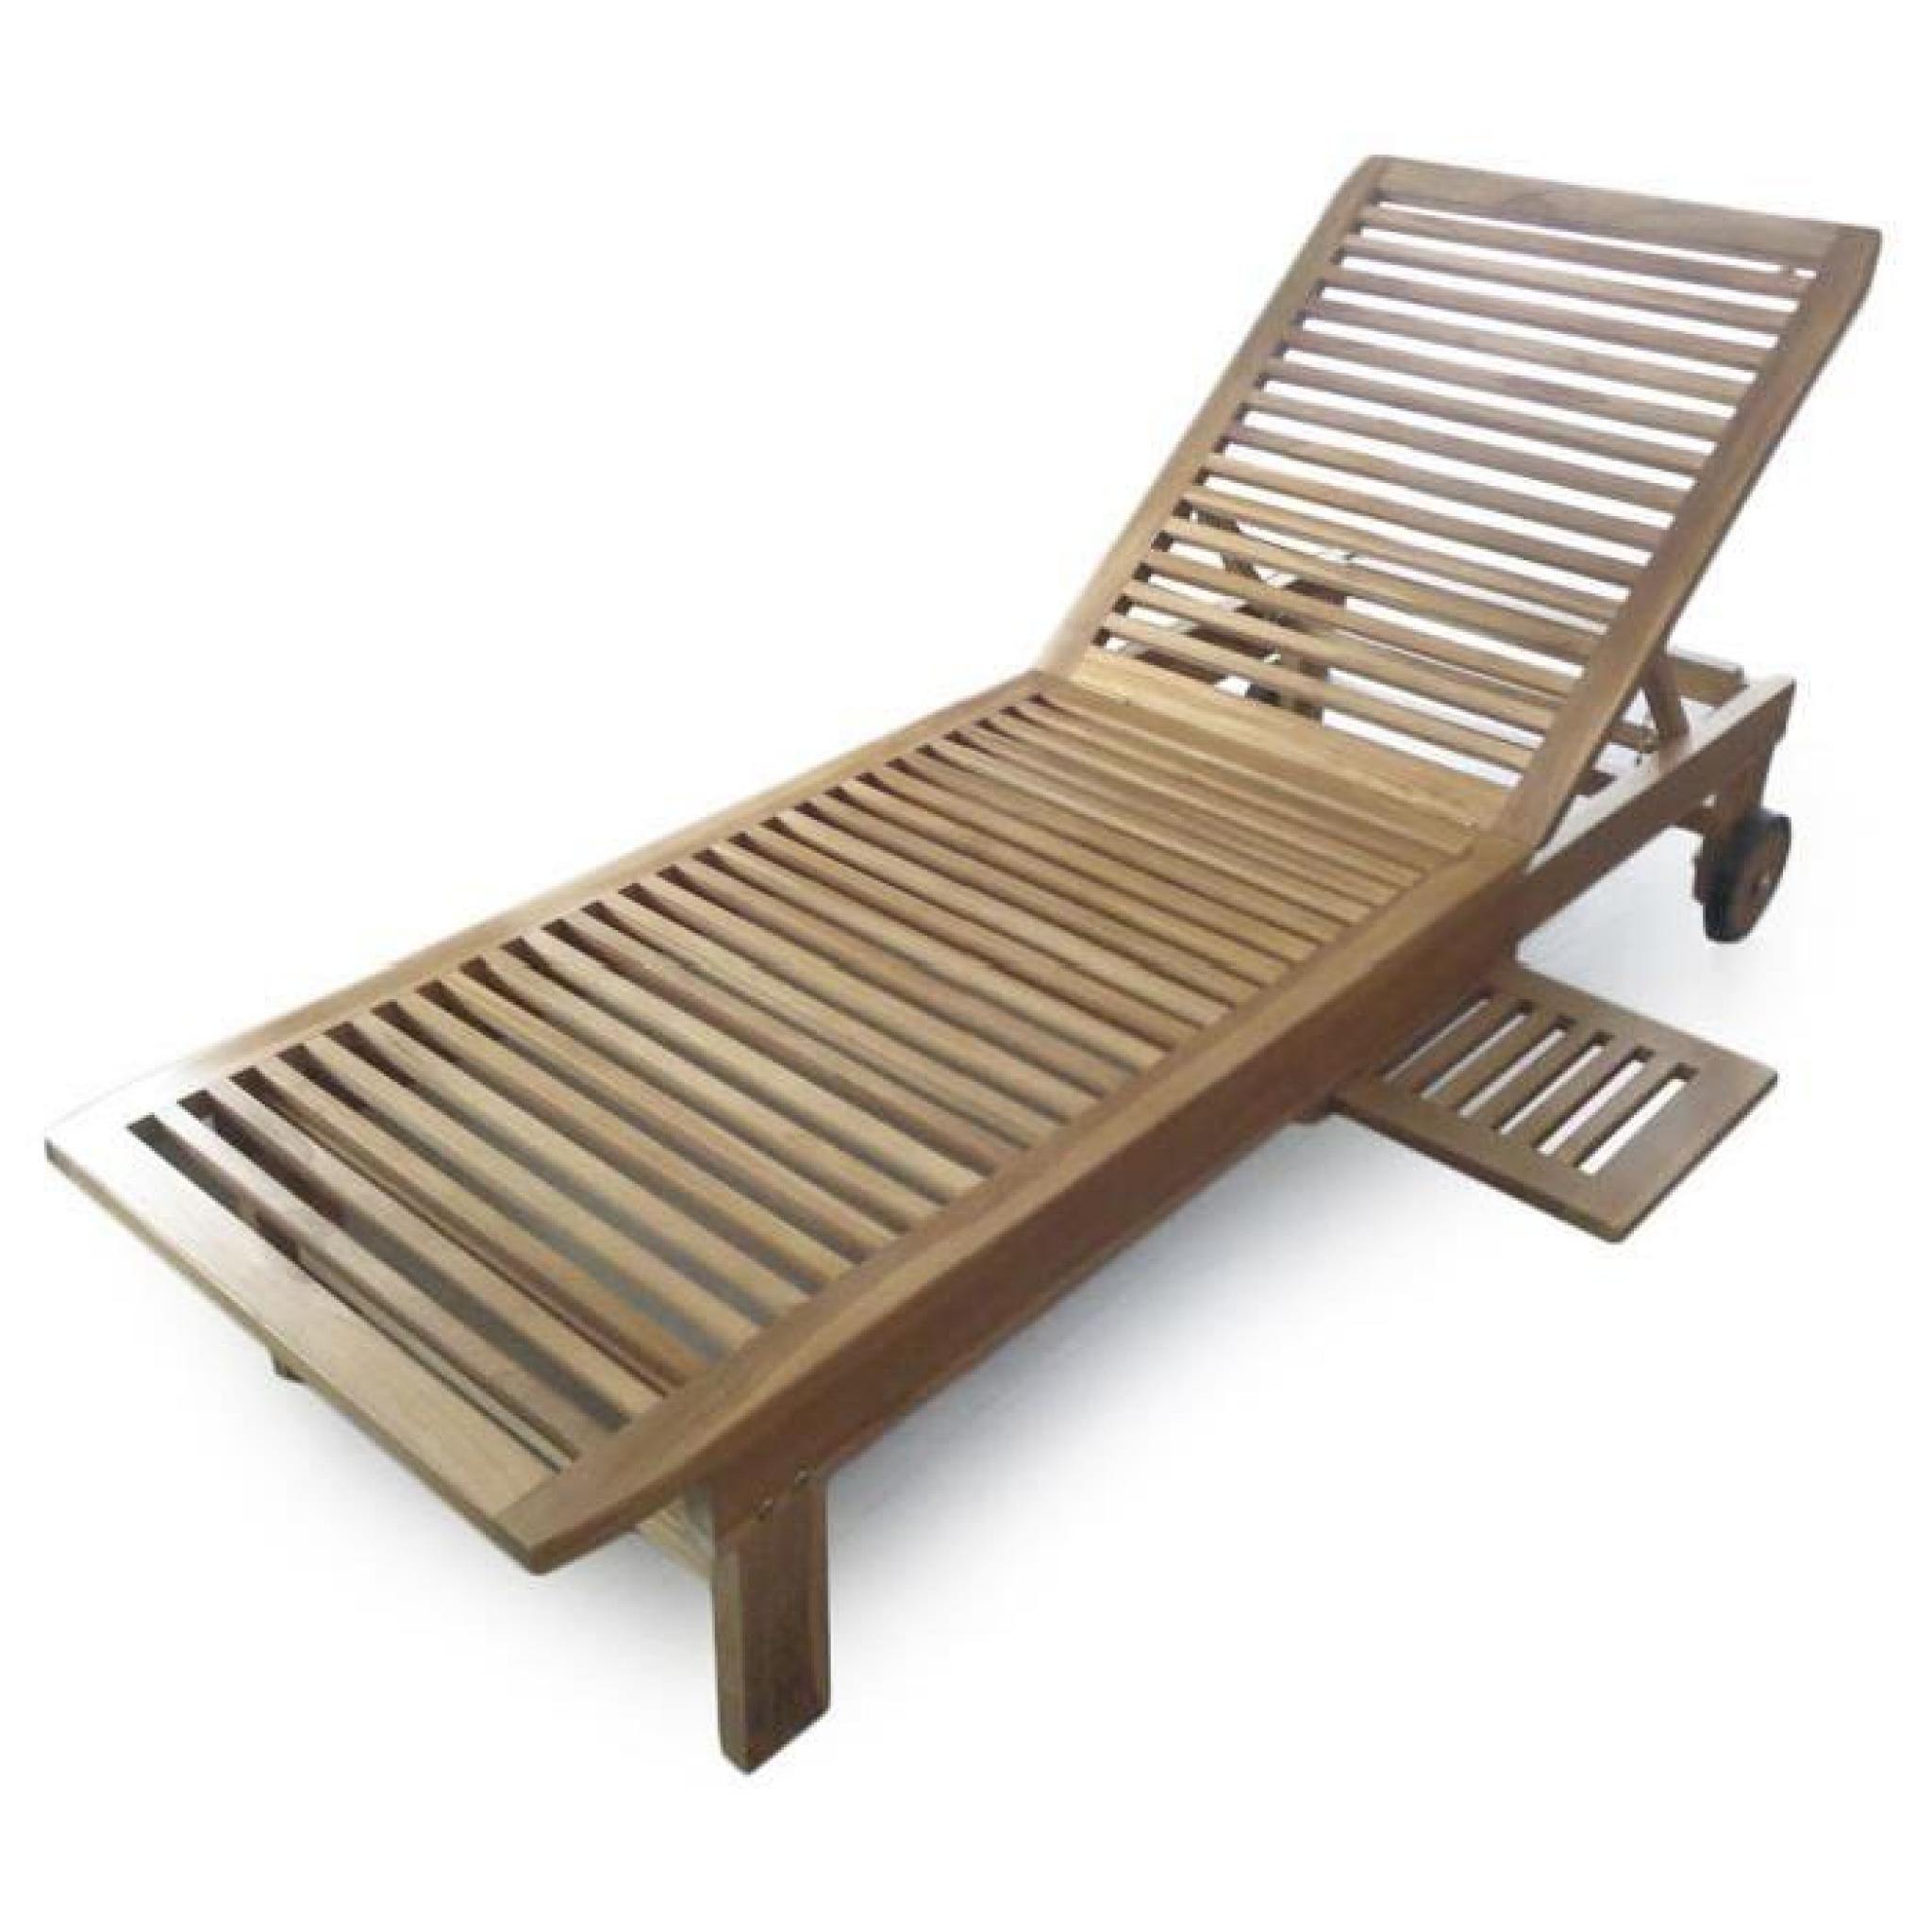 Talassa bain de soleil roulettes et tablette amovible en teck massif natu - Bain de soleil teck pas cher ...